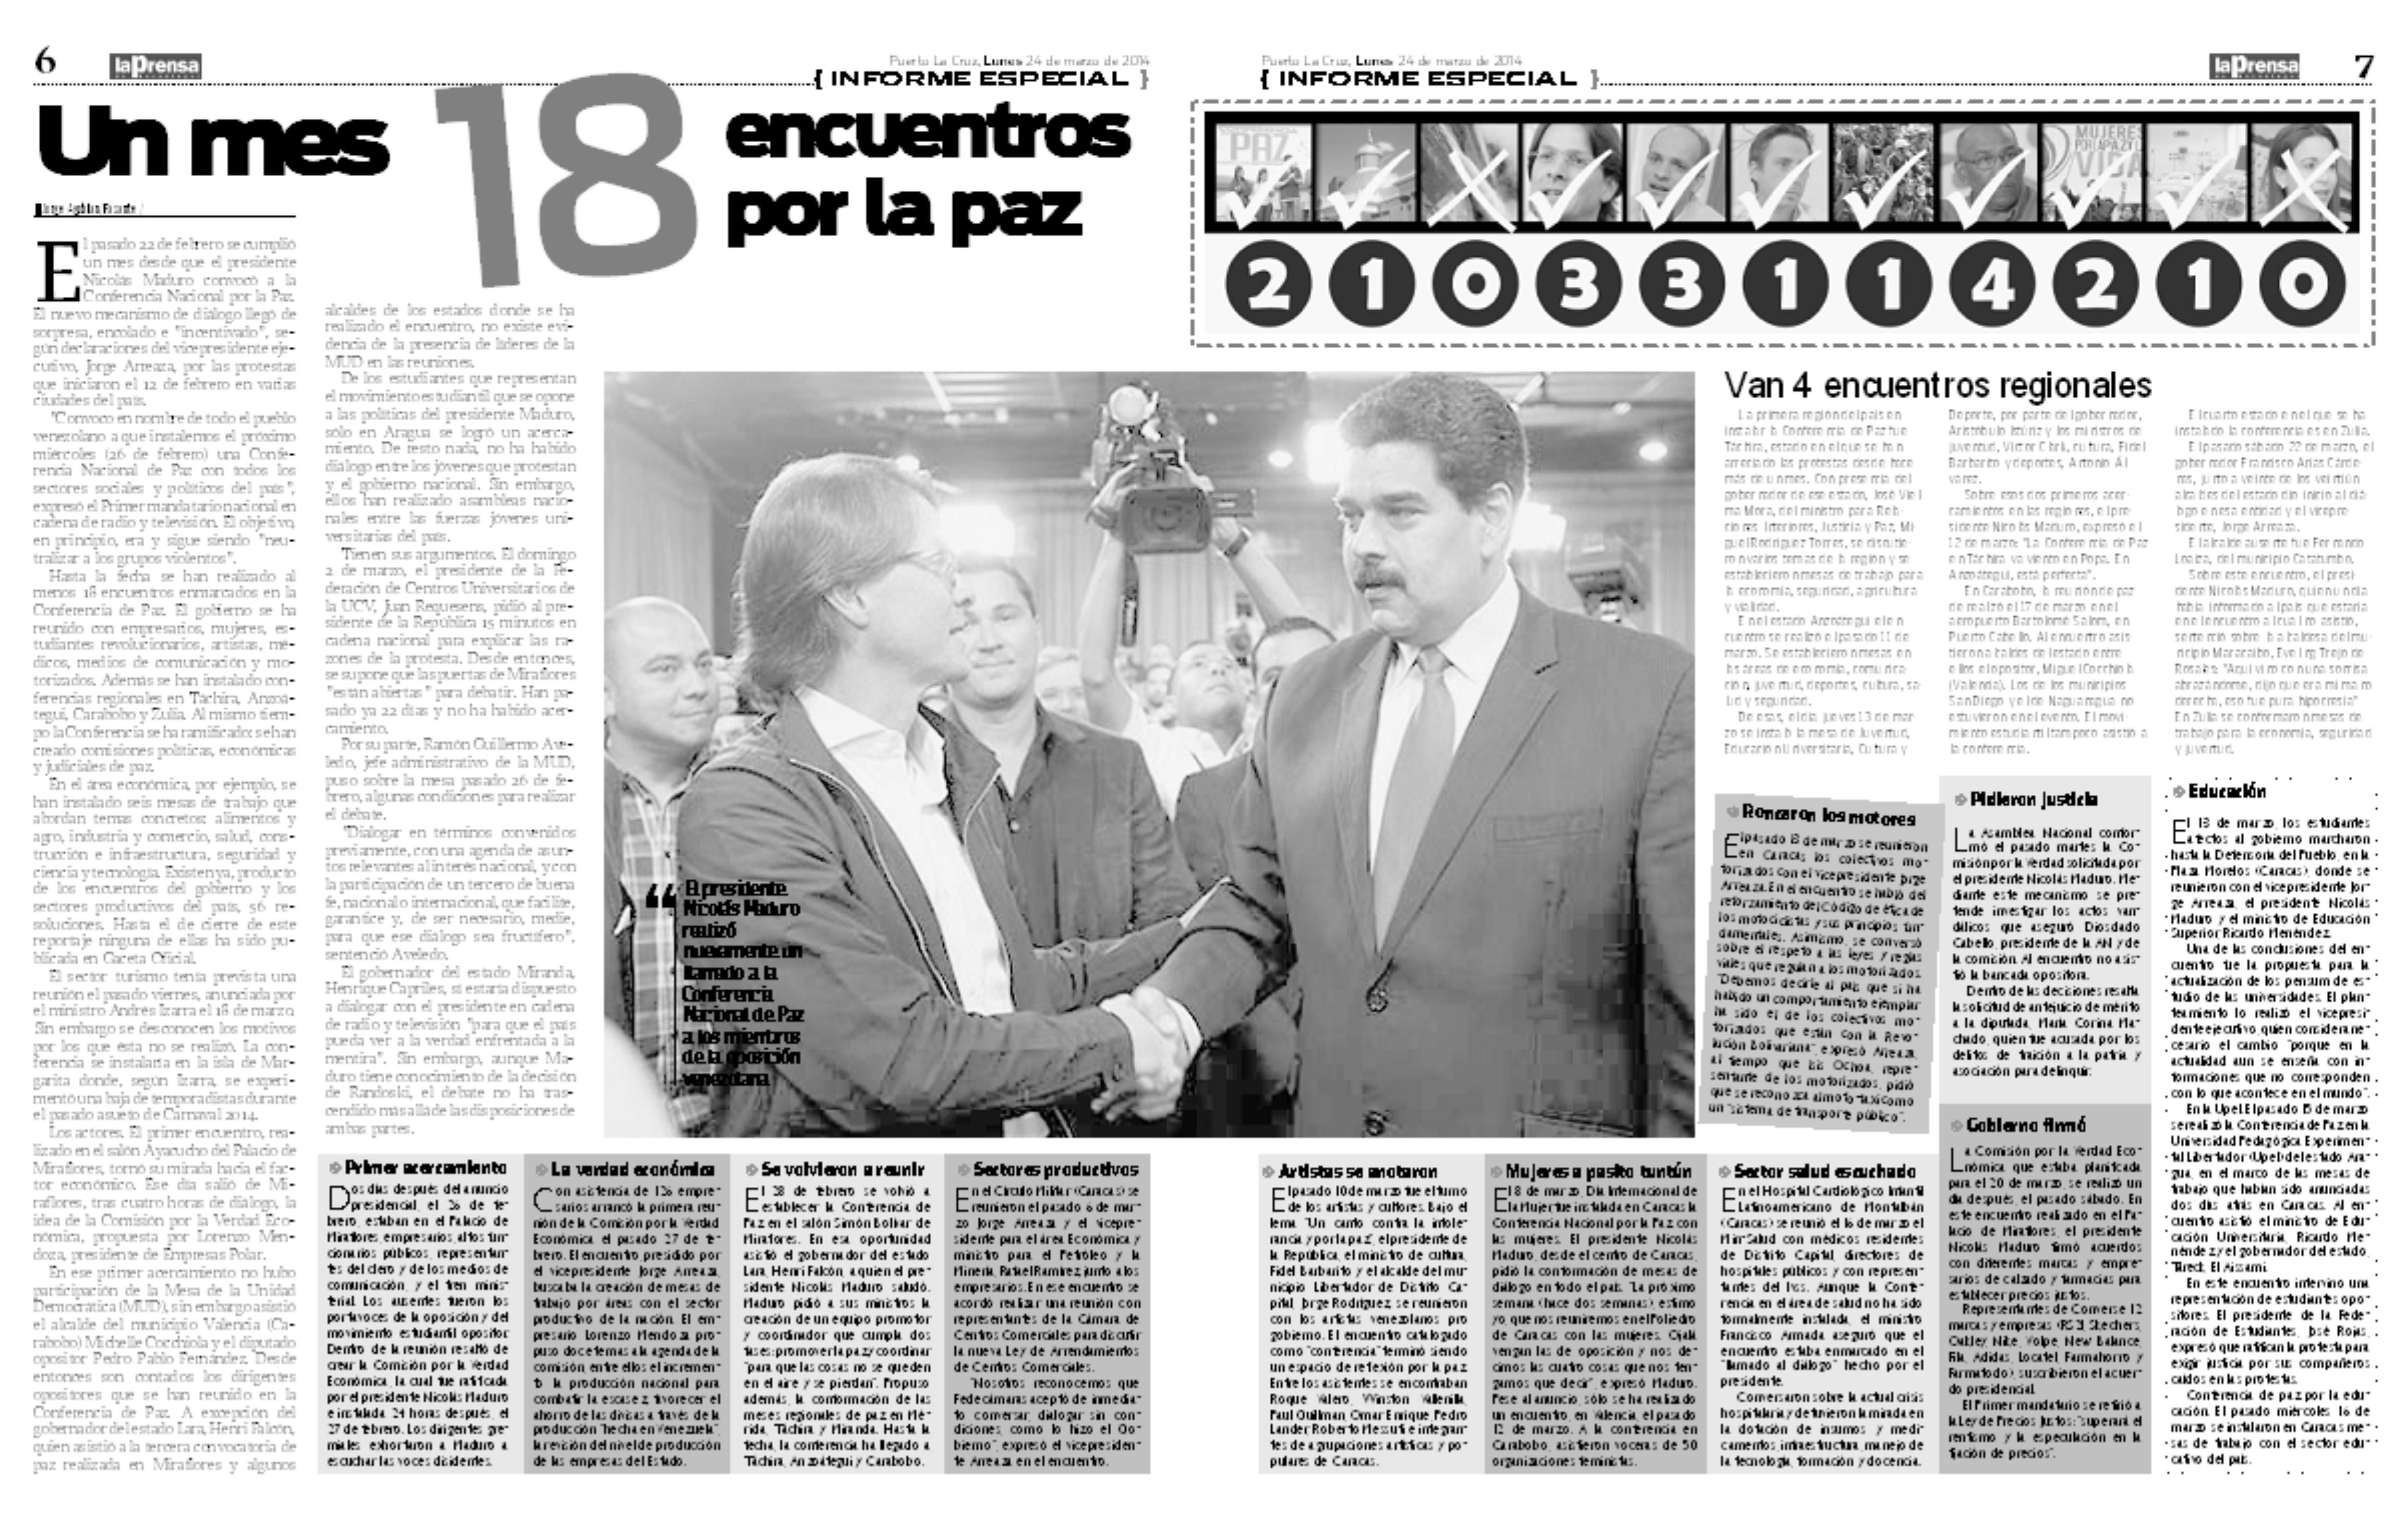 Los 18 encuentros de paz de Maduro y la oposición (Reportaje La Prensa de Anzoátegui: 24-03-2014